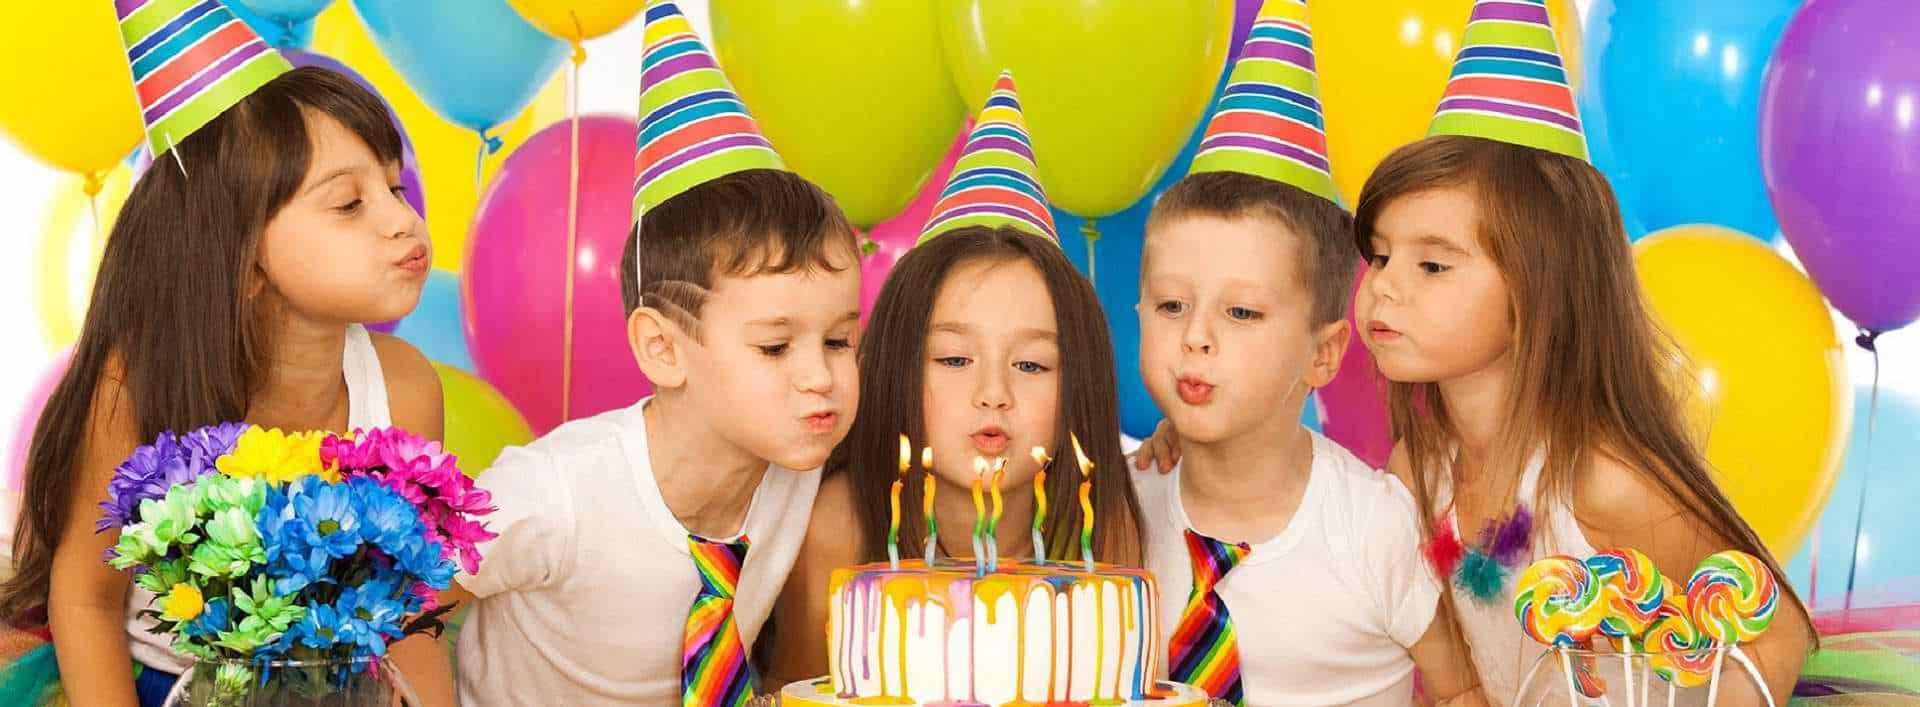 EHG Traiteur - Traiteur pour votre anniversaire enfant à Genève